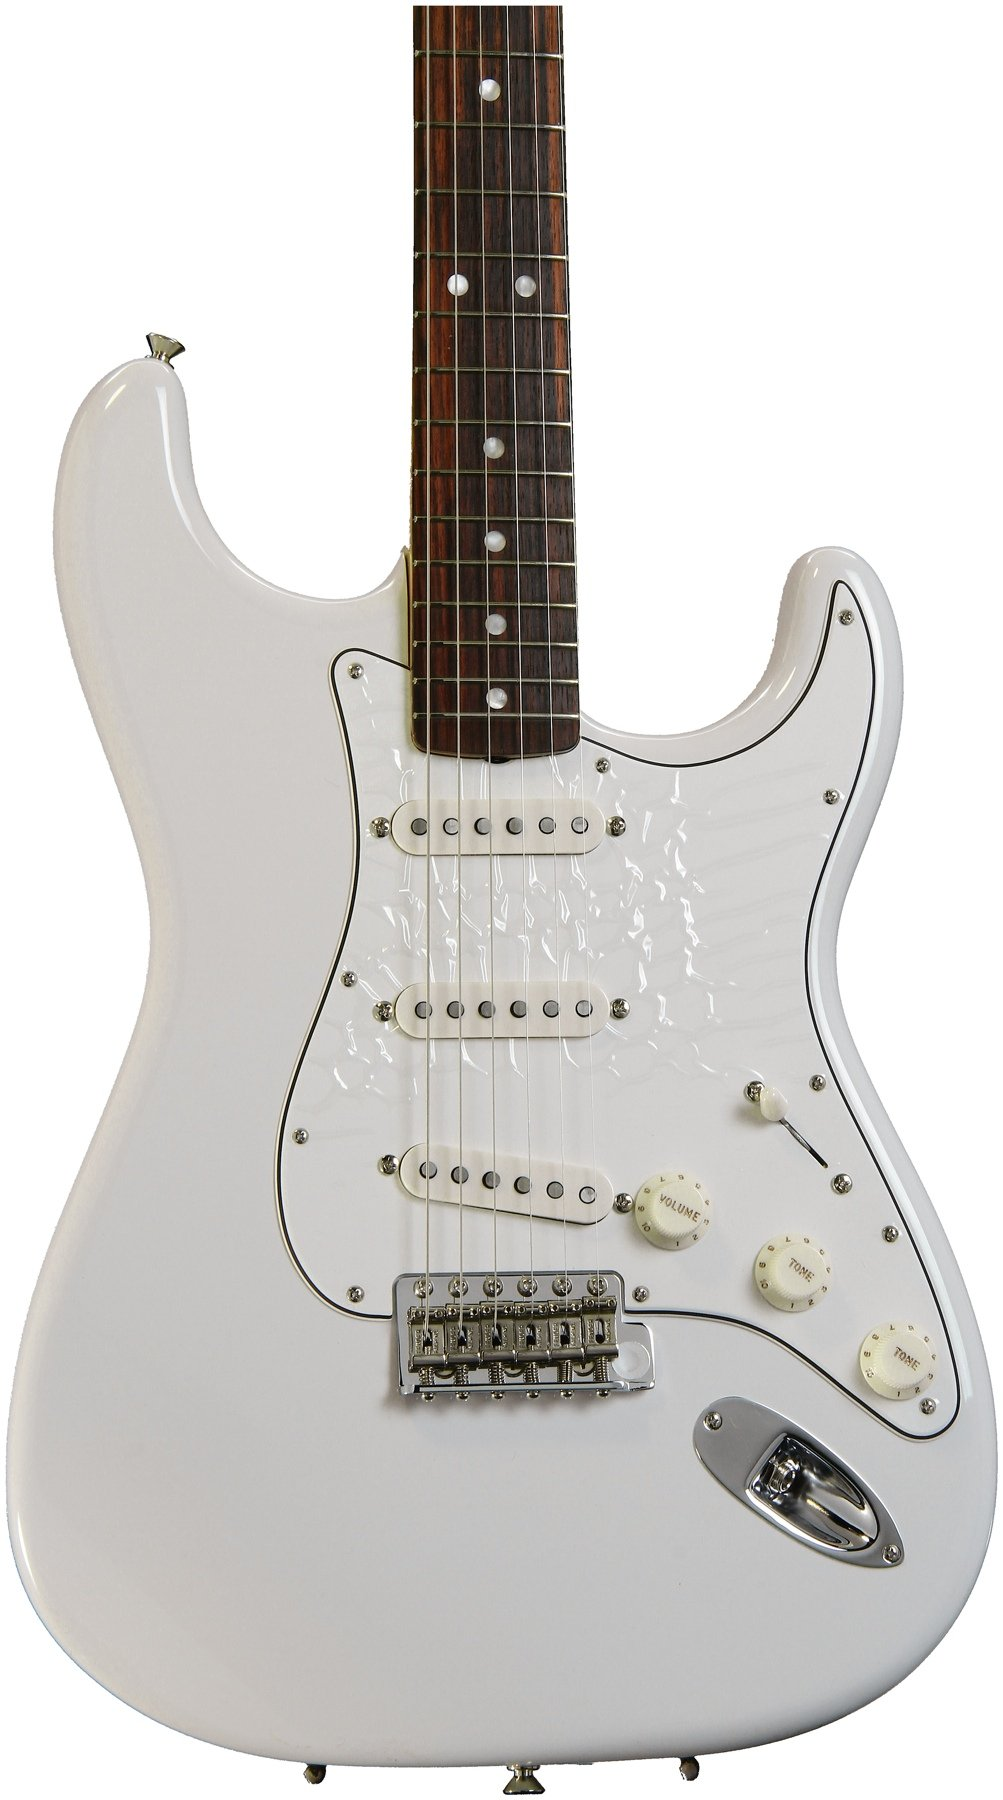 Beste Fender Stratocaster Schaltpläne Galerie - Verdrahtungsideen ...